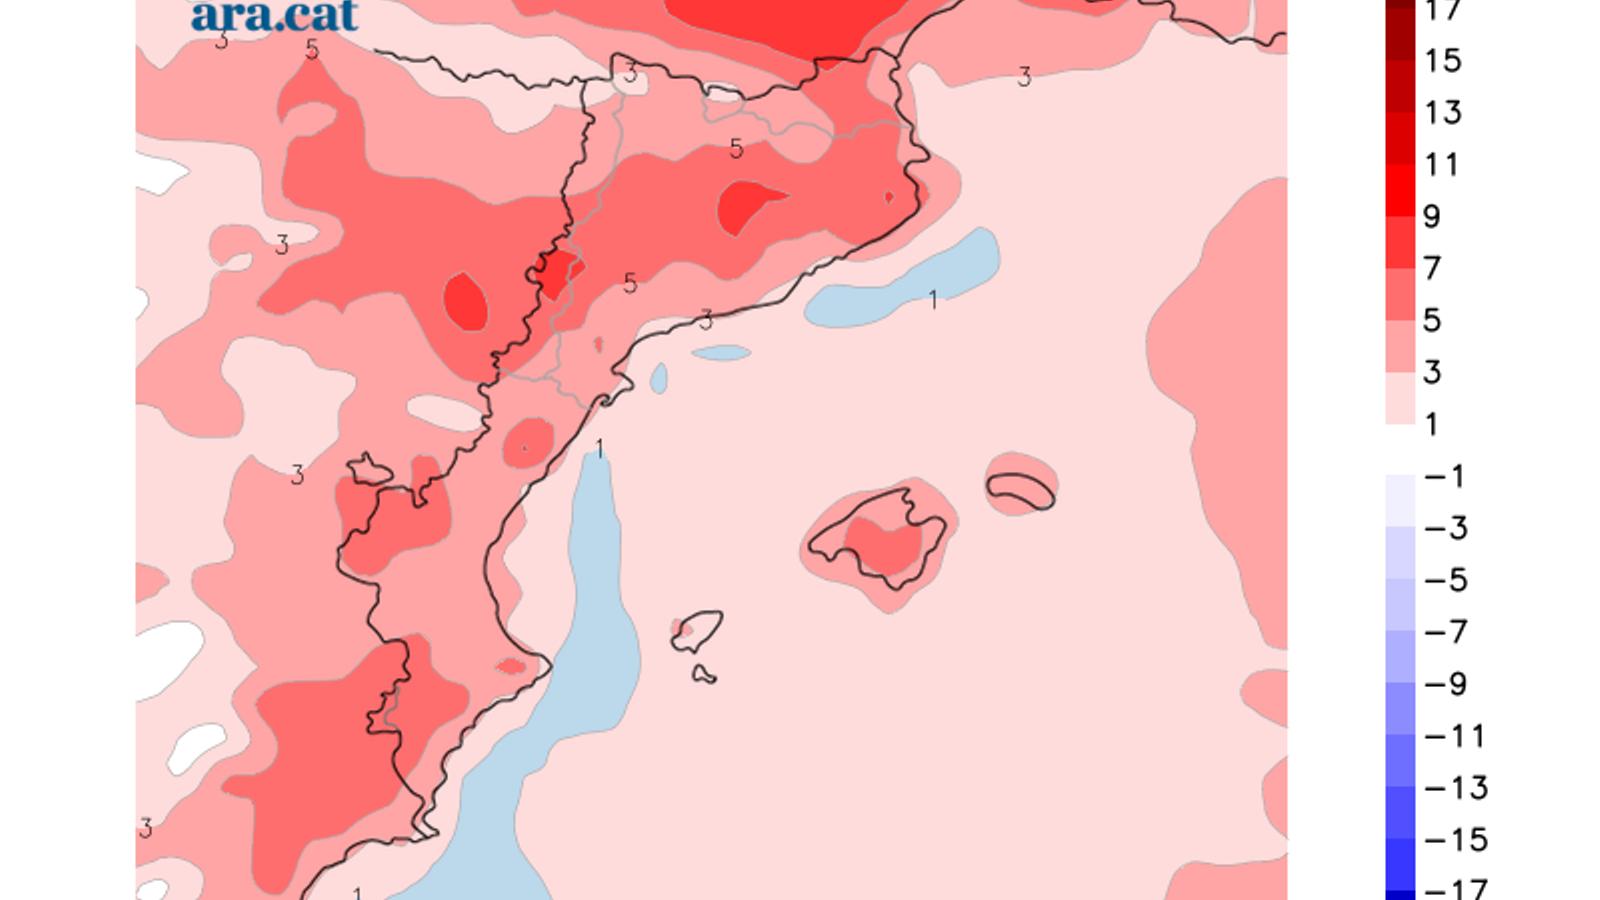 Diferència prevista entre la temperatura mínima d'avui i la de dijous